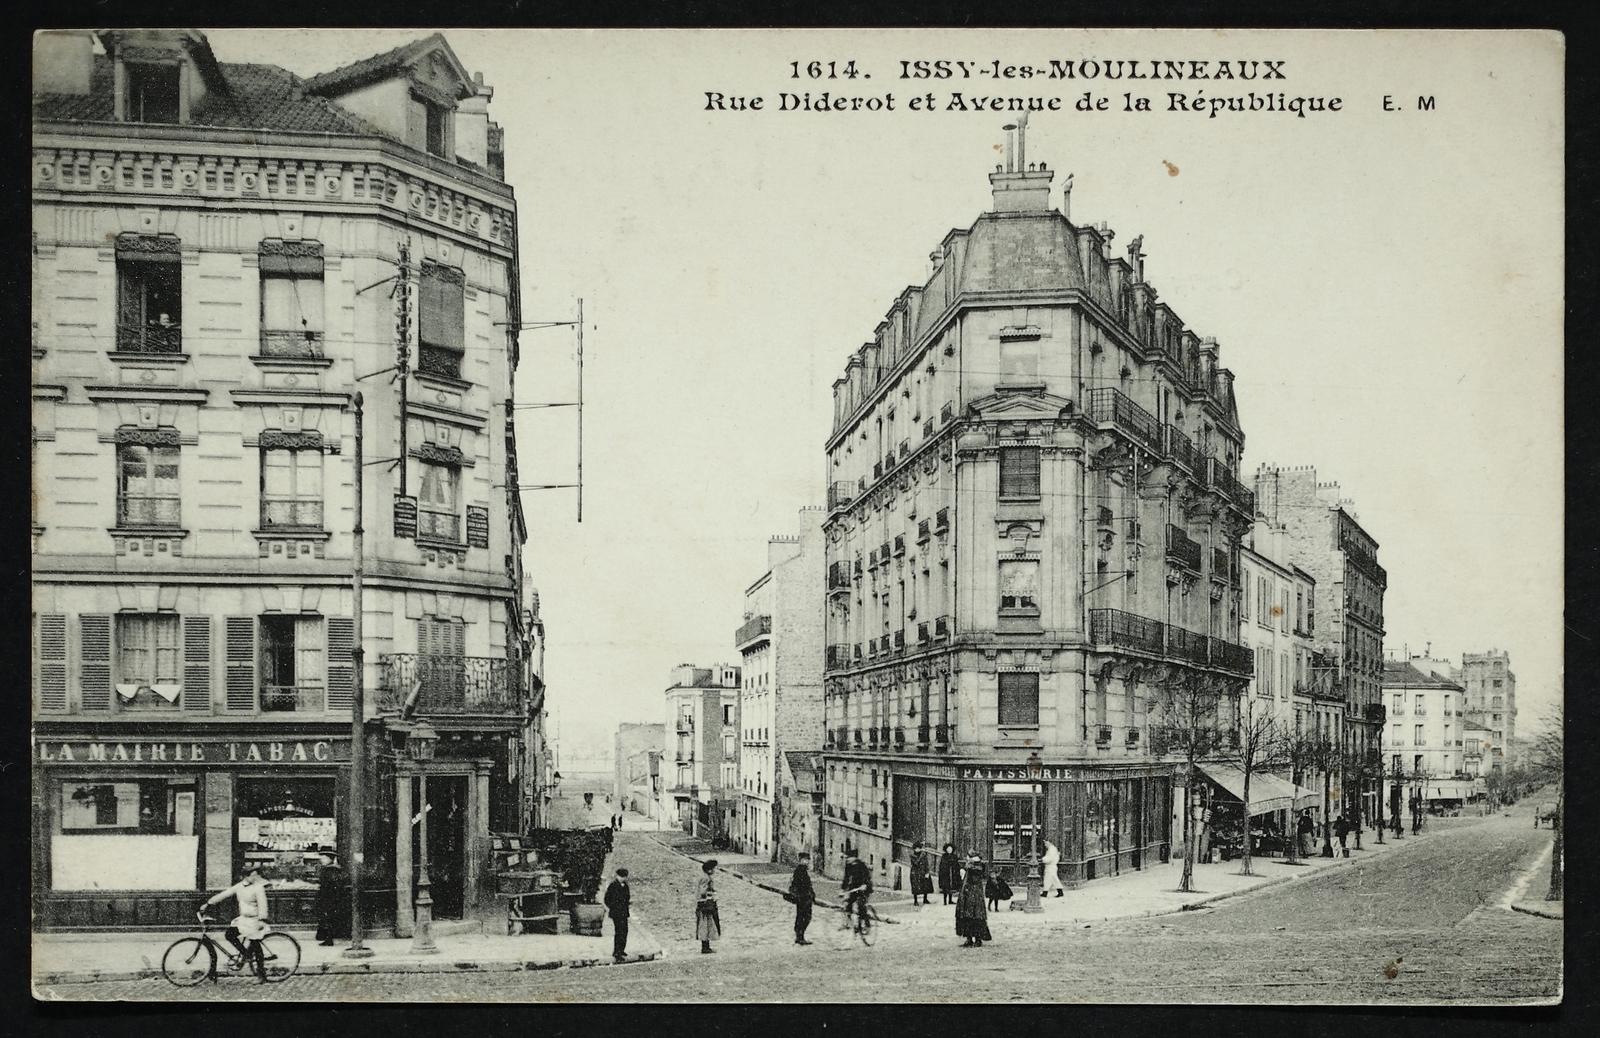 La Maison Bleue Issy Les Moulineaux ville d'issy-les-moulineaux, la mairie d'issy-les-moulineaux